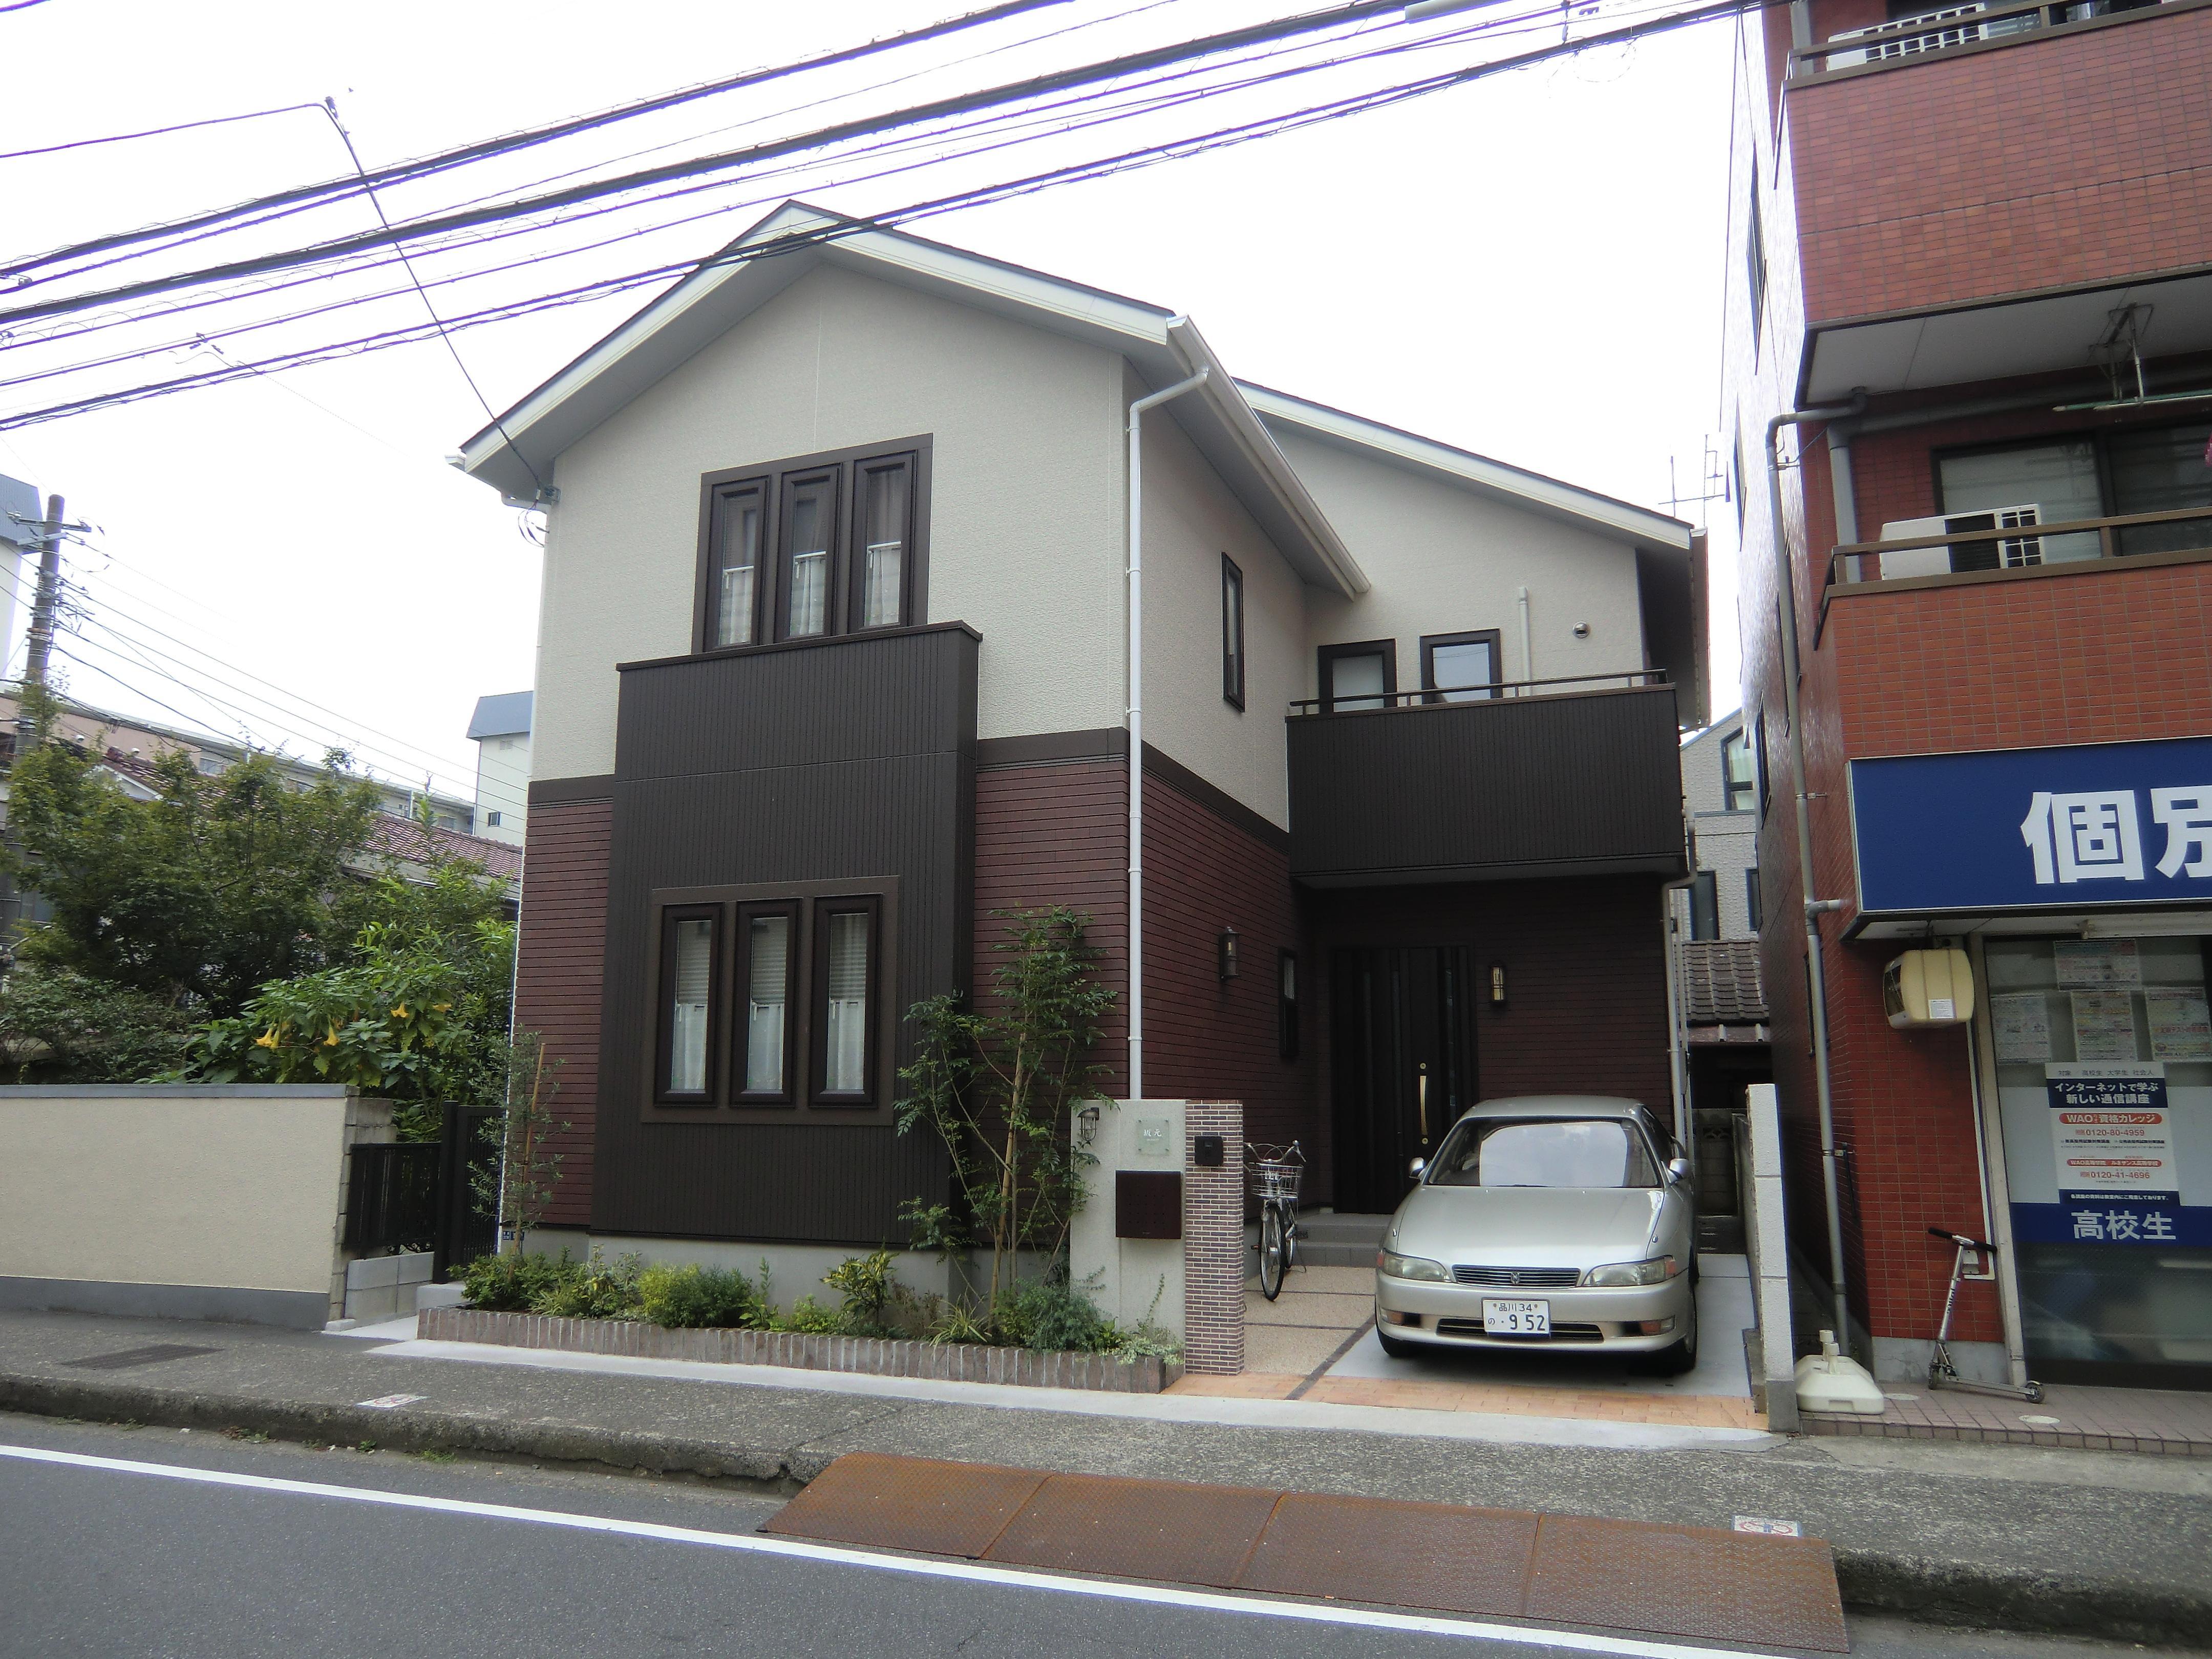 オール電化住宅:千葉県市川市S様邸の写真 外観